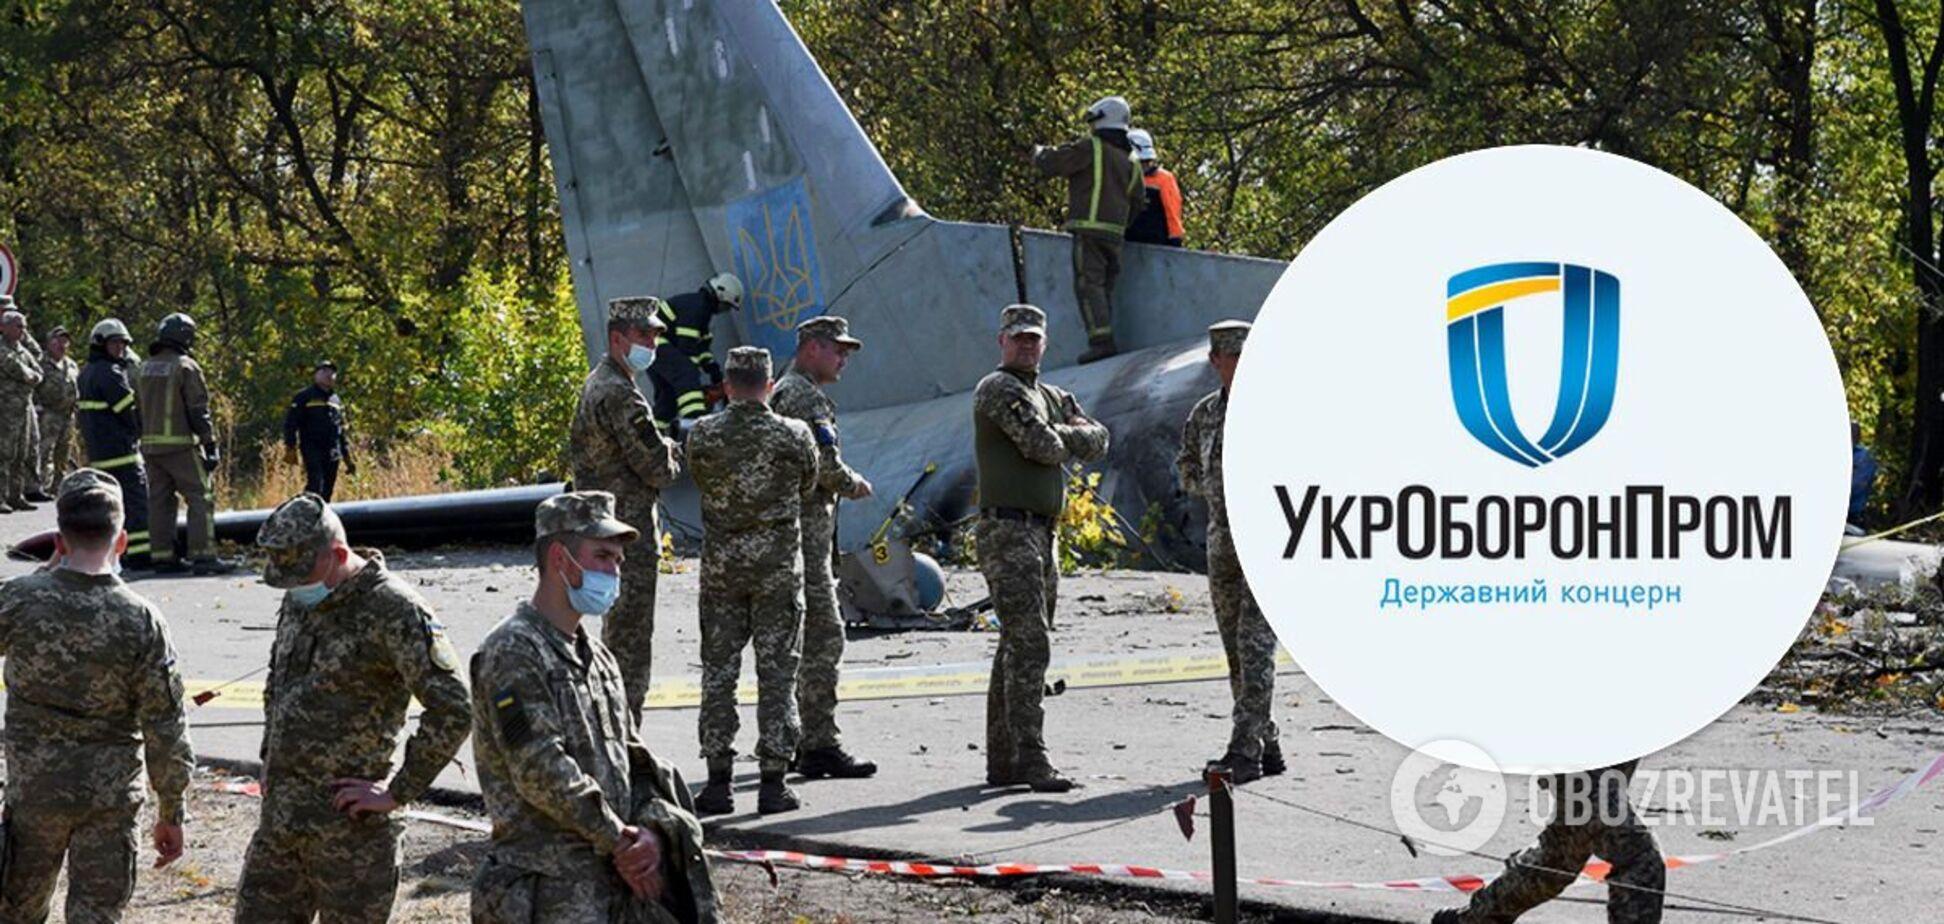 У ремонті АН-26, який забрав життя 25 осіб, не знайшли порушень